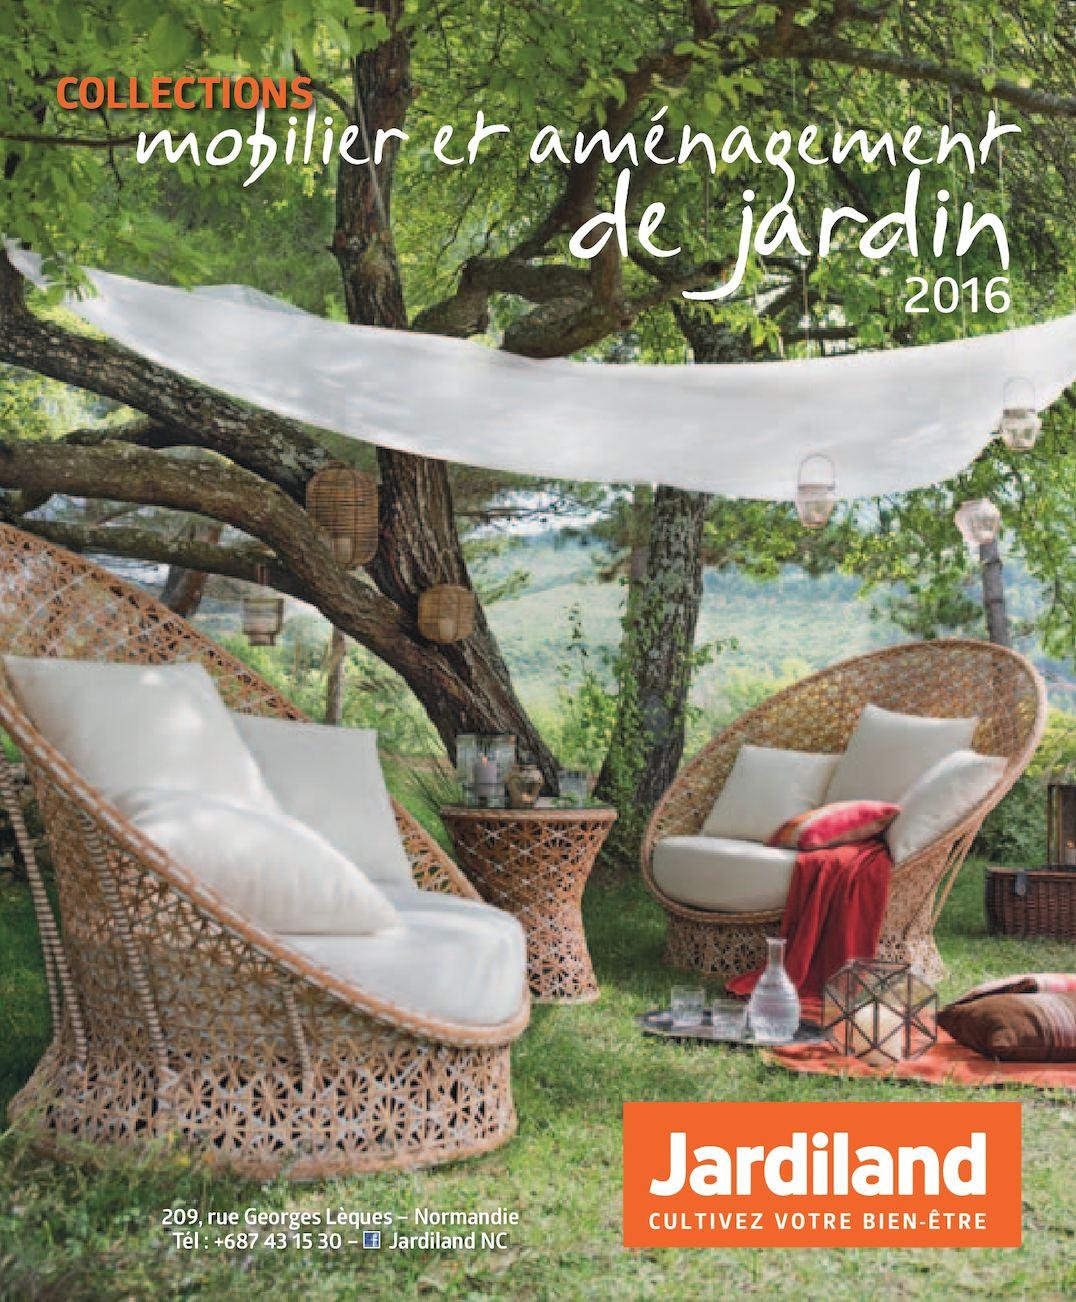 Calaméo - Catalogue Été 2016 Jardiland Nouvelle-Calédonie avec Chariot De Jardin Jardiland